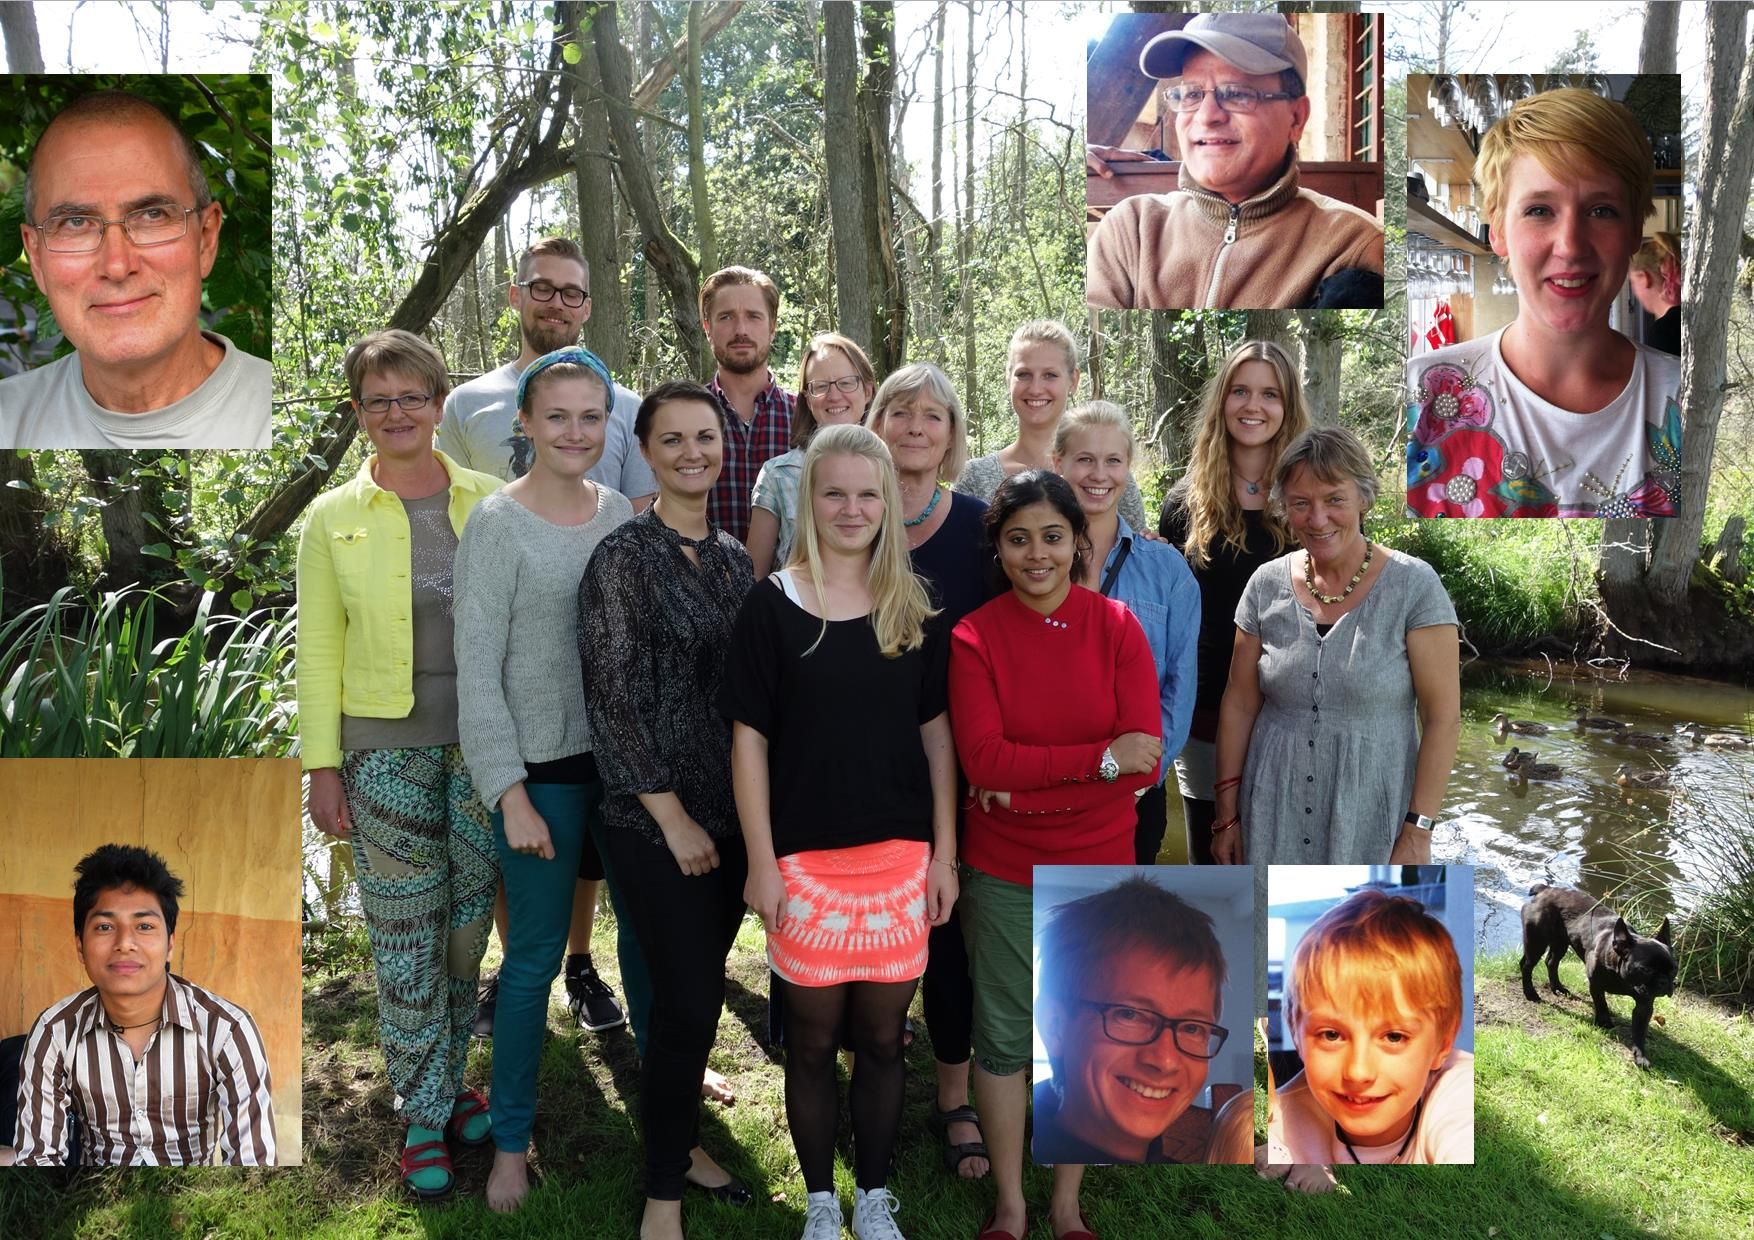 Skole, sundhed, drikkevand, dyrlæge og ny organisation i efteråret 2013